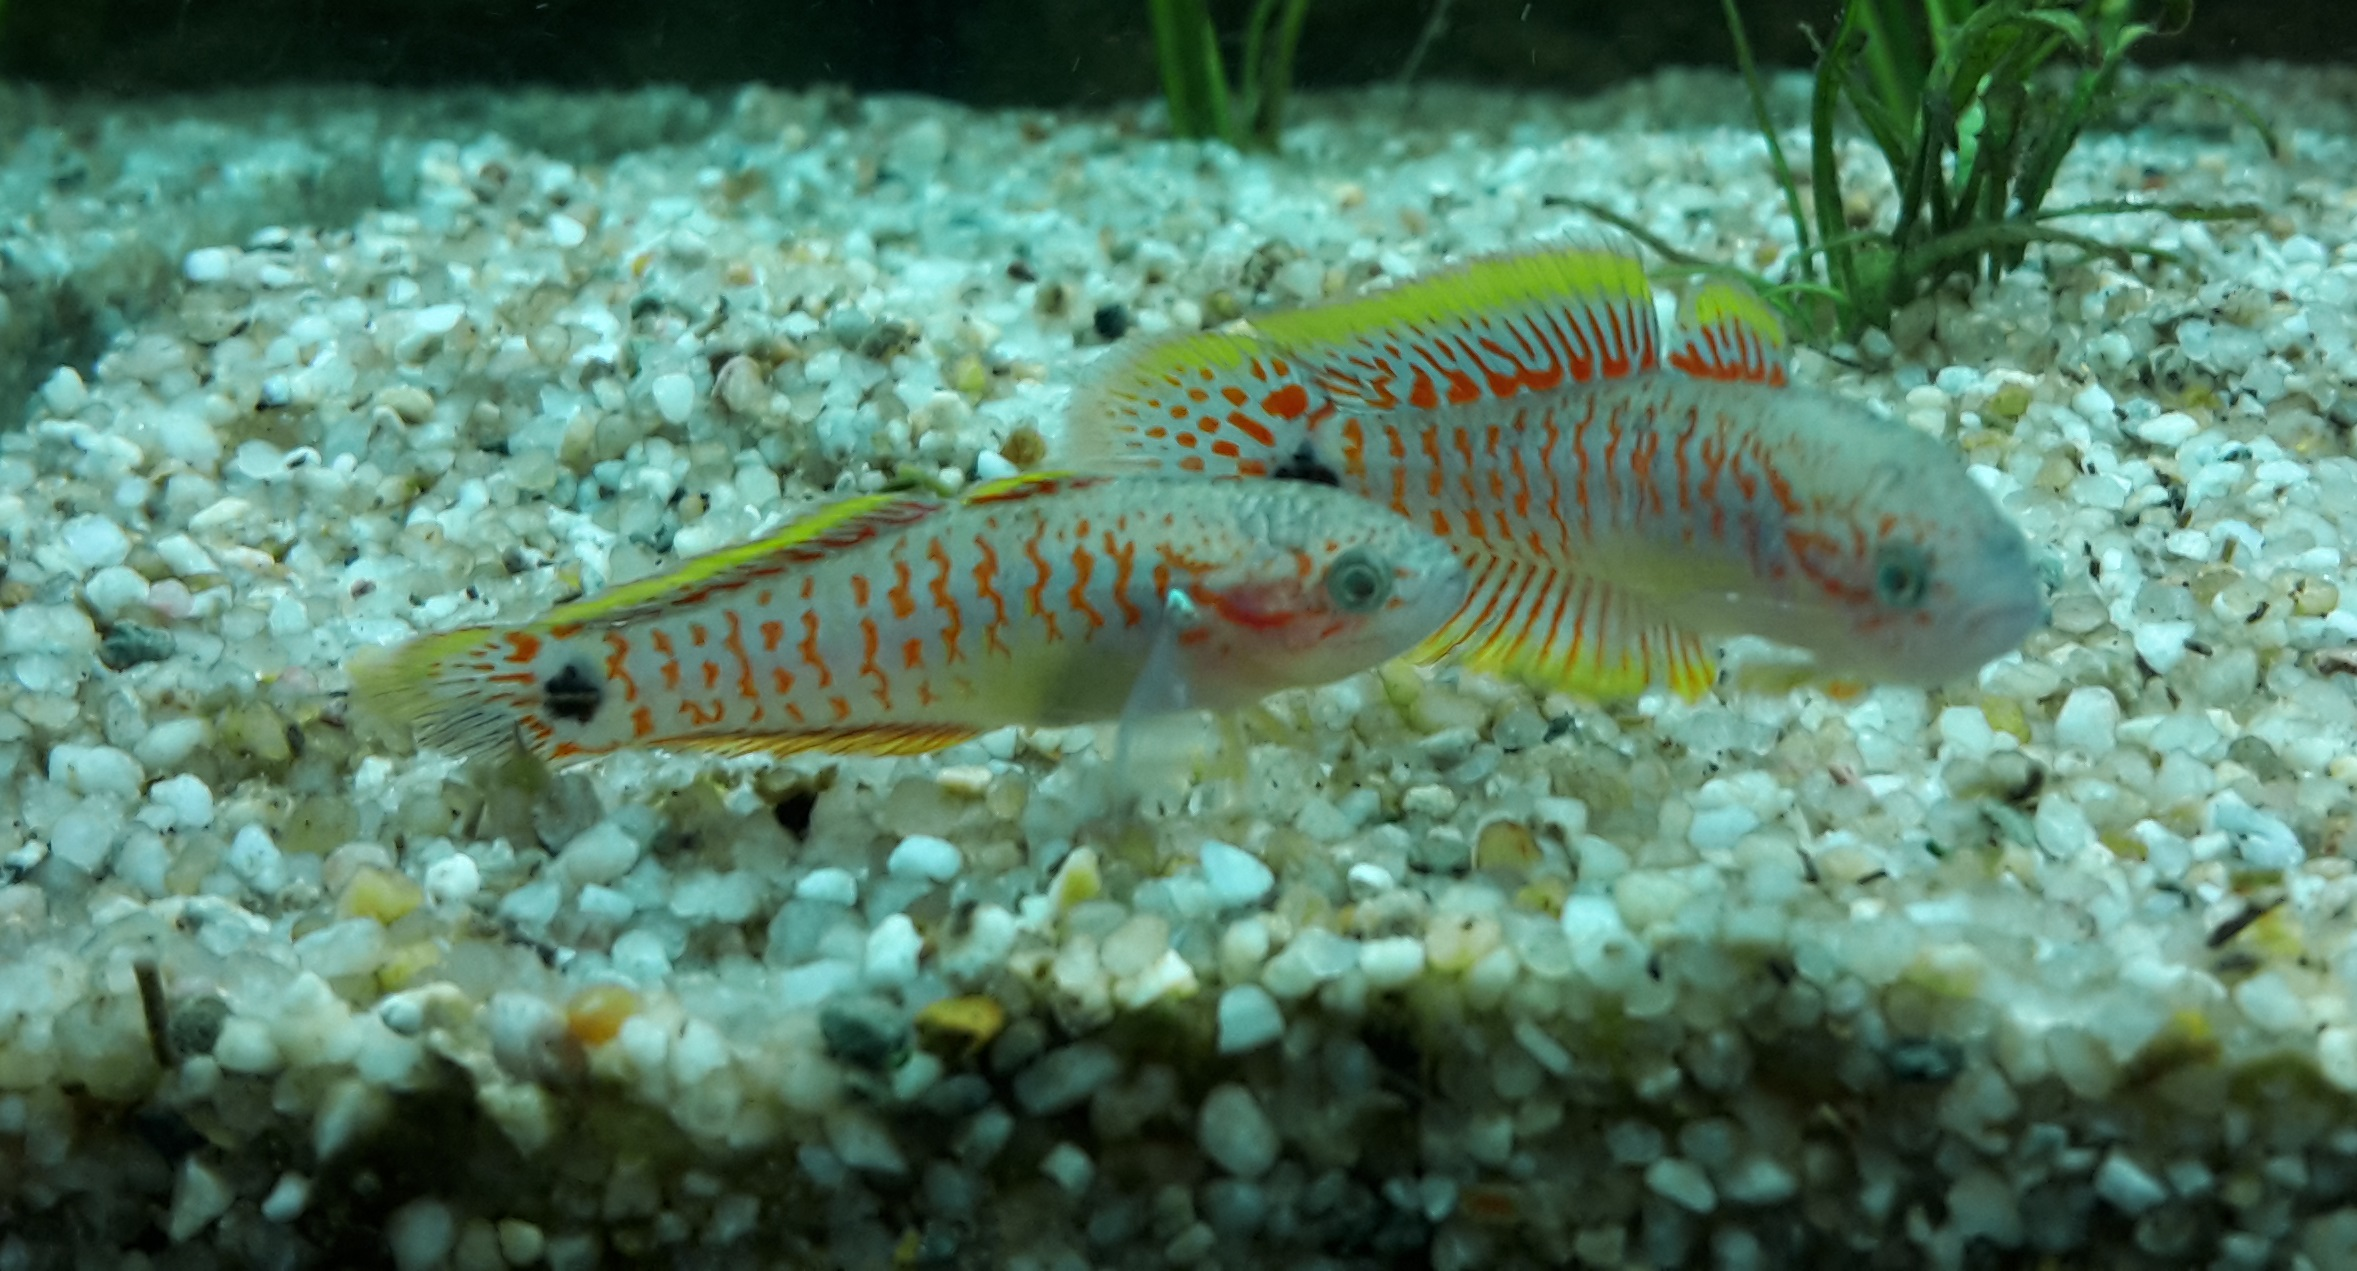 nieuw aquarium vissen gaan dood